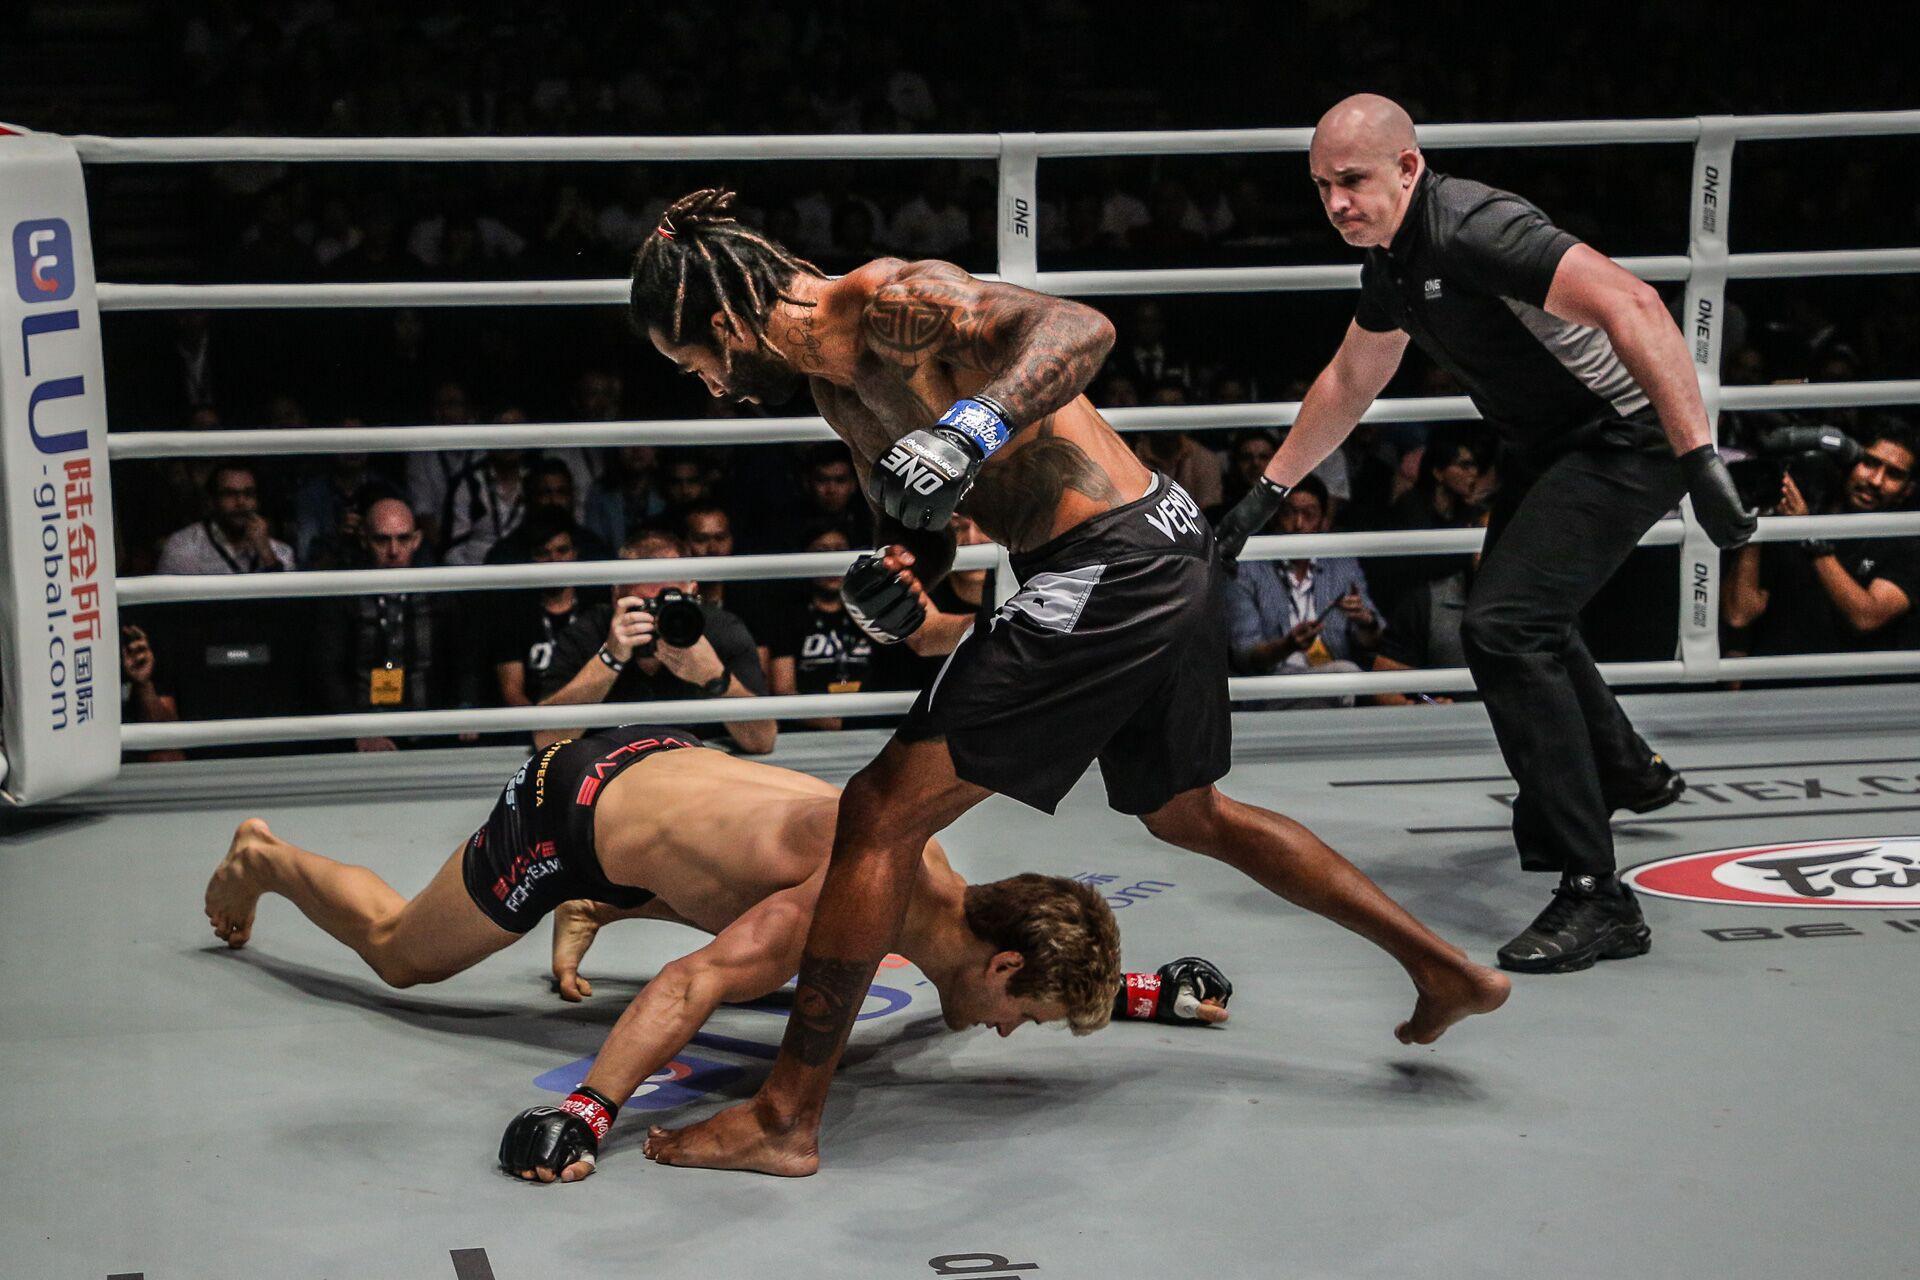 Soái ca 6 múi bị hạ sấp mặt trong ngày ra mắt giải MMA lớn nhất châu Á - Ảnh 3.